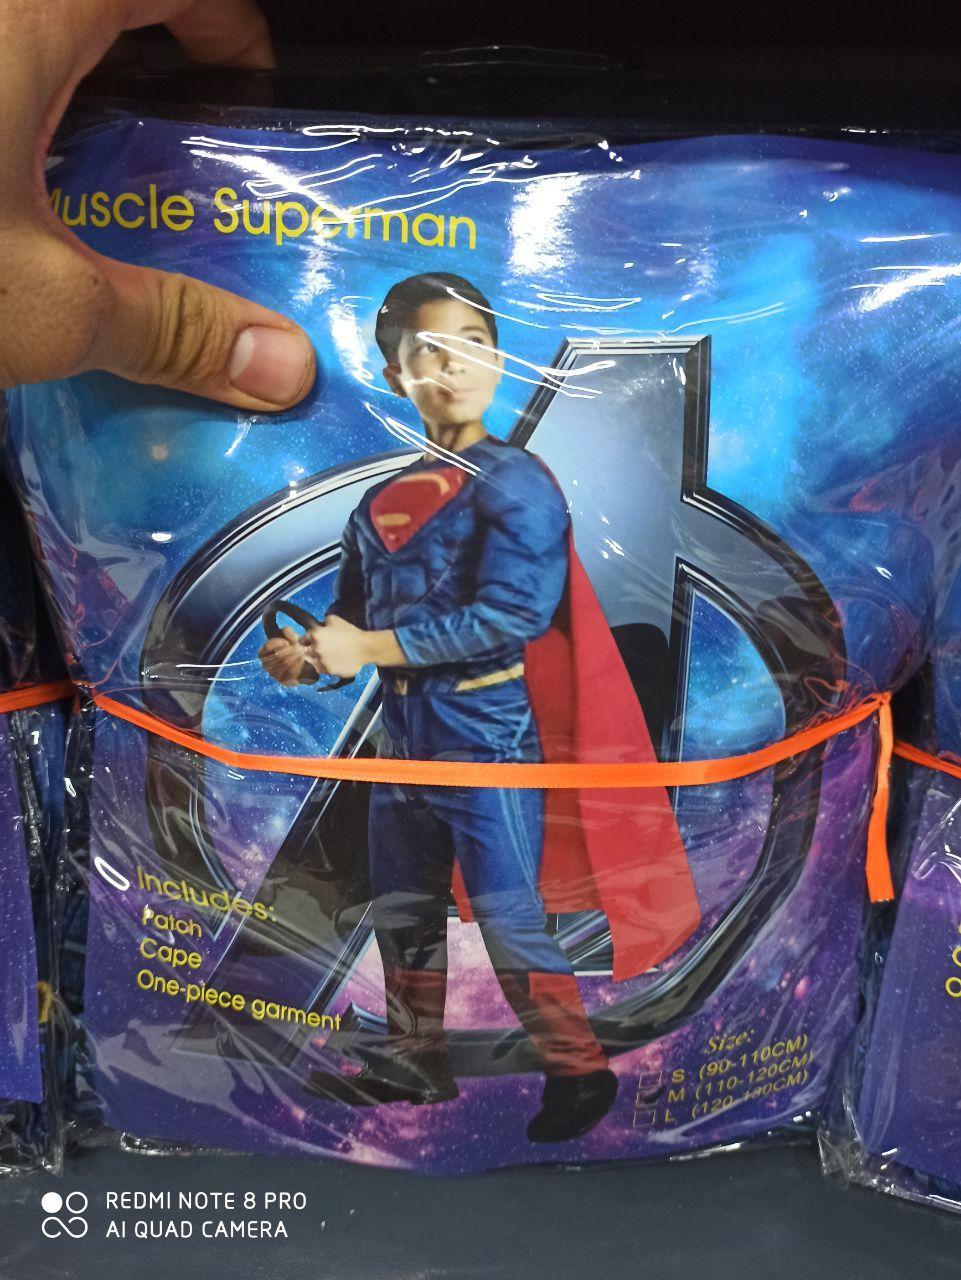 قیمت عمده لوازم هالووین لباس طرح سوپرمن عضلانی و ارواح اسکلتی